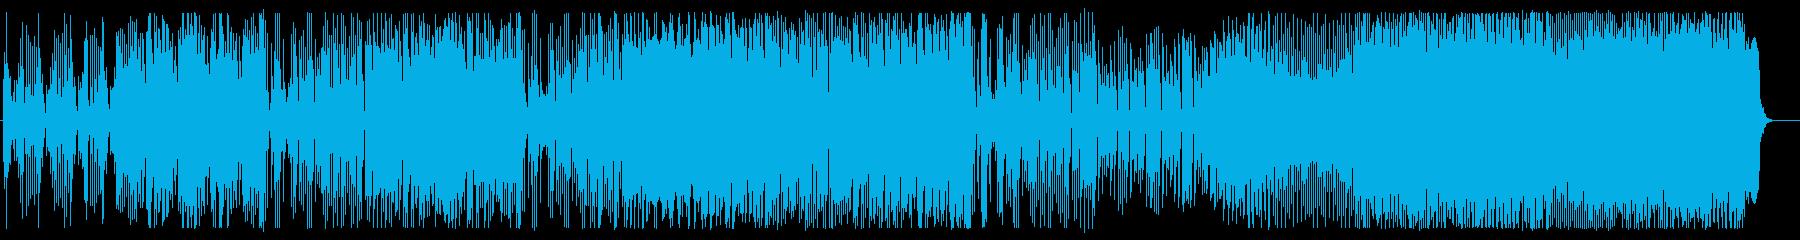 軽快なオーバーチュアの再生済みの波形